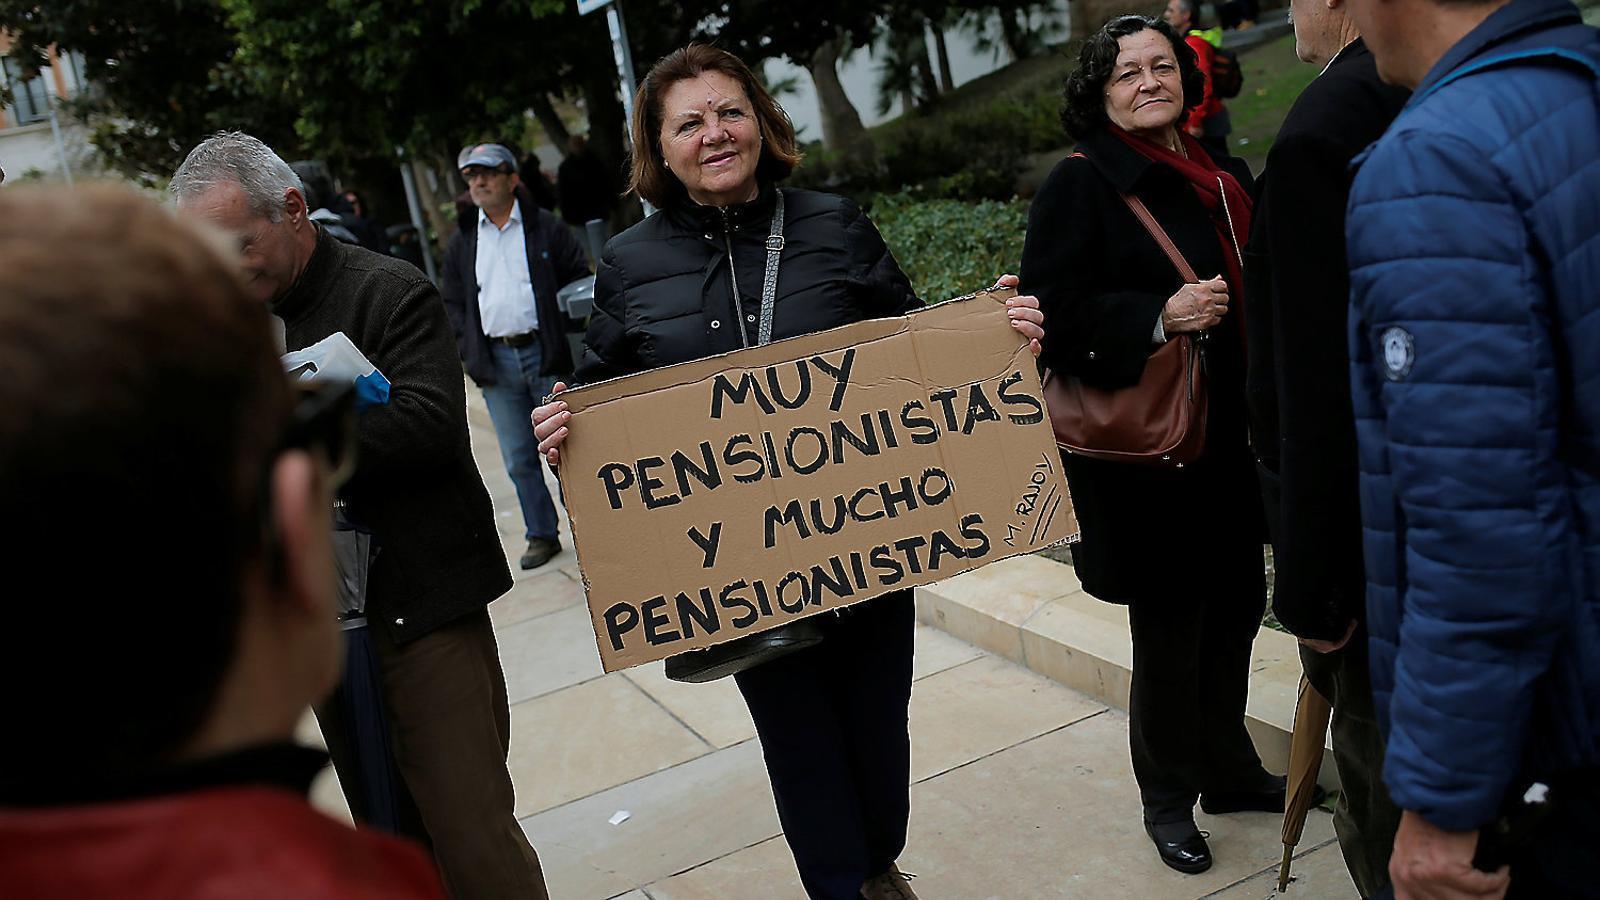 Els pactes estrella de Rajoy, en via morta